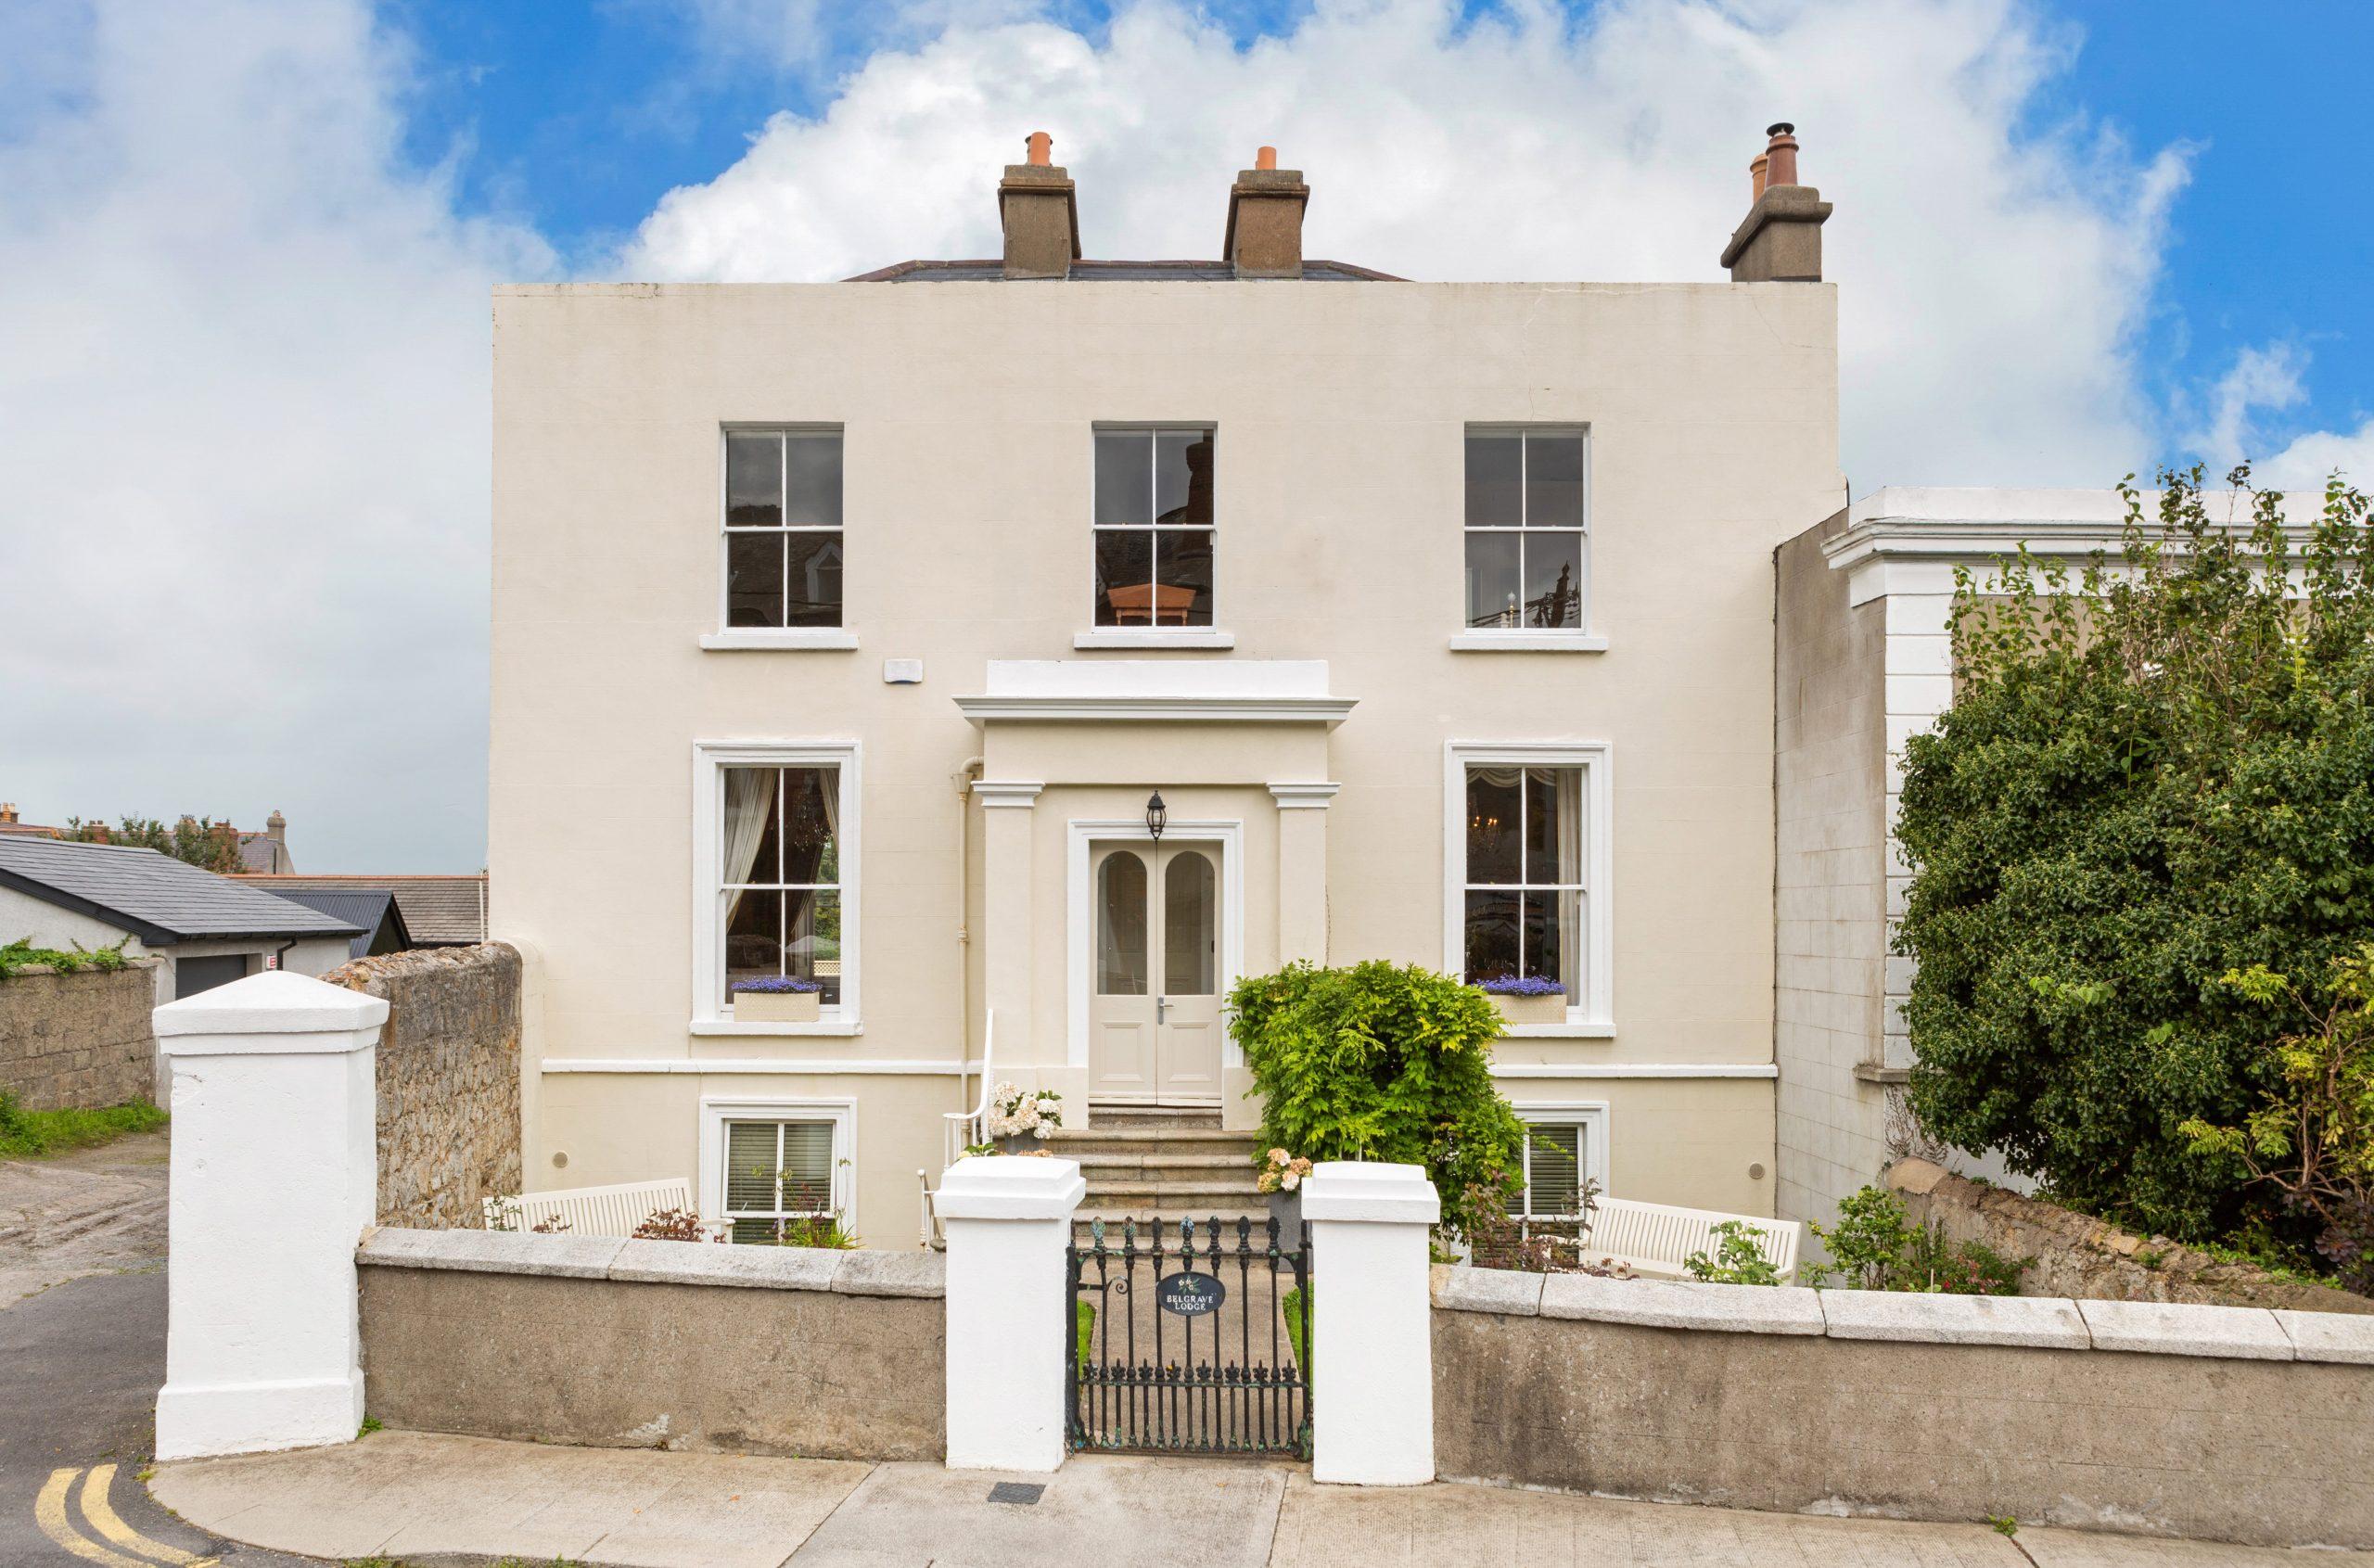 Belgrave Lodge, 1 Belgrave Terrace, Monkstown, Co. Dublin